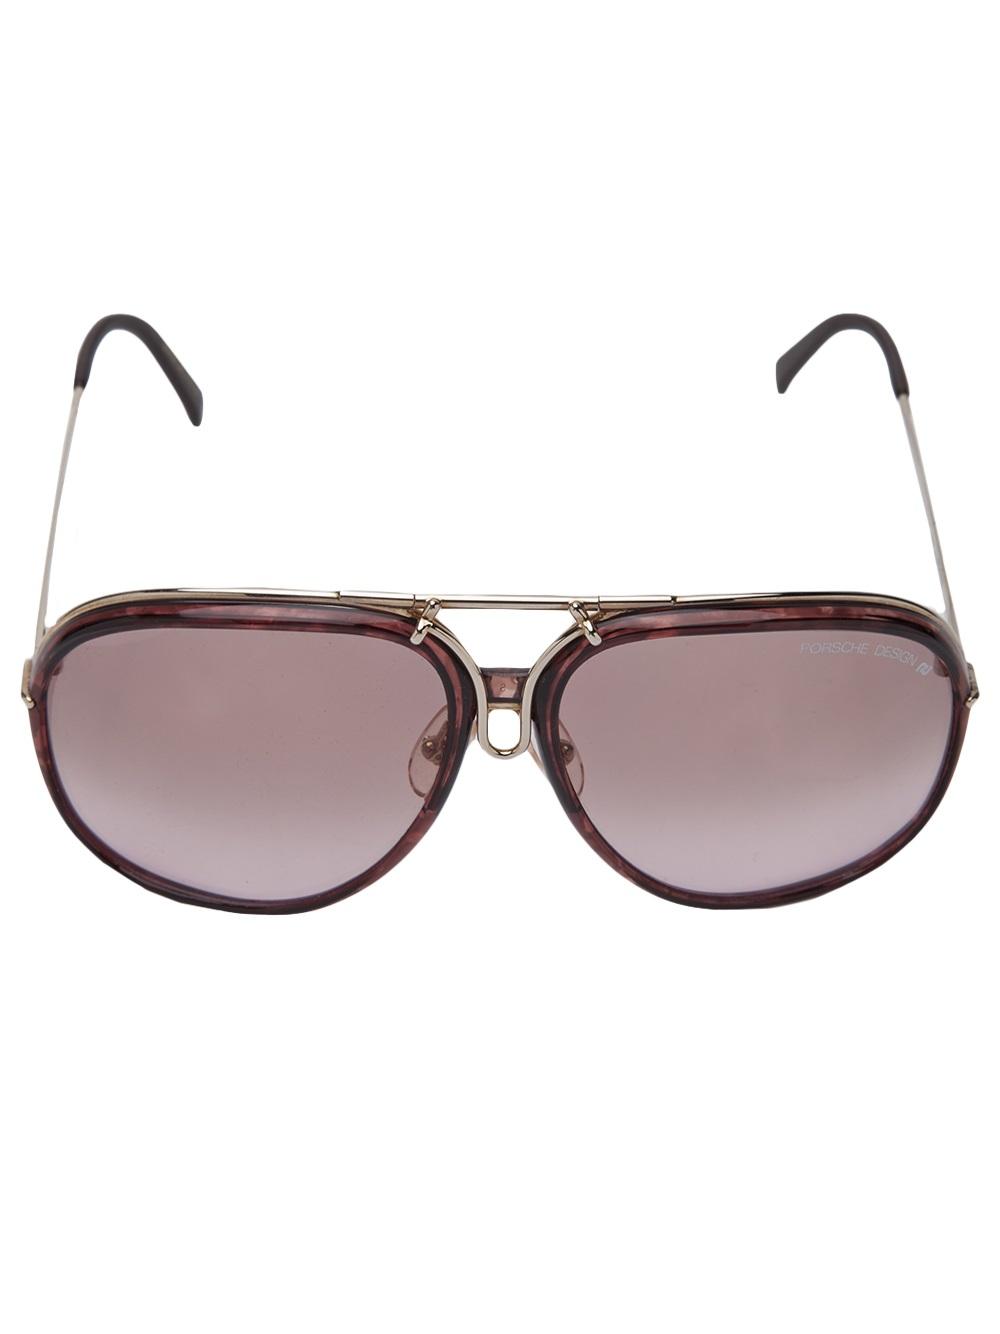 Carrera C80 Porsche Design Sunglasses In Silver For Men